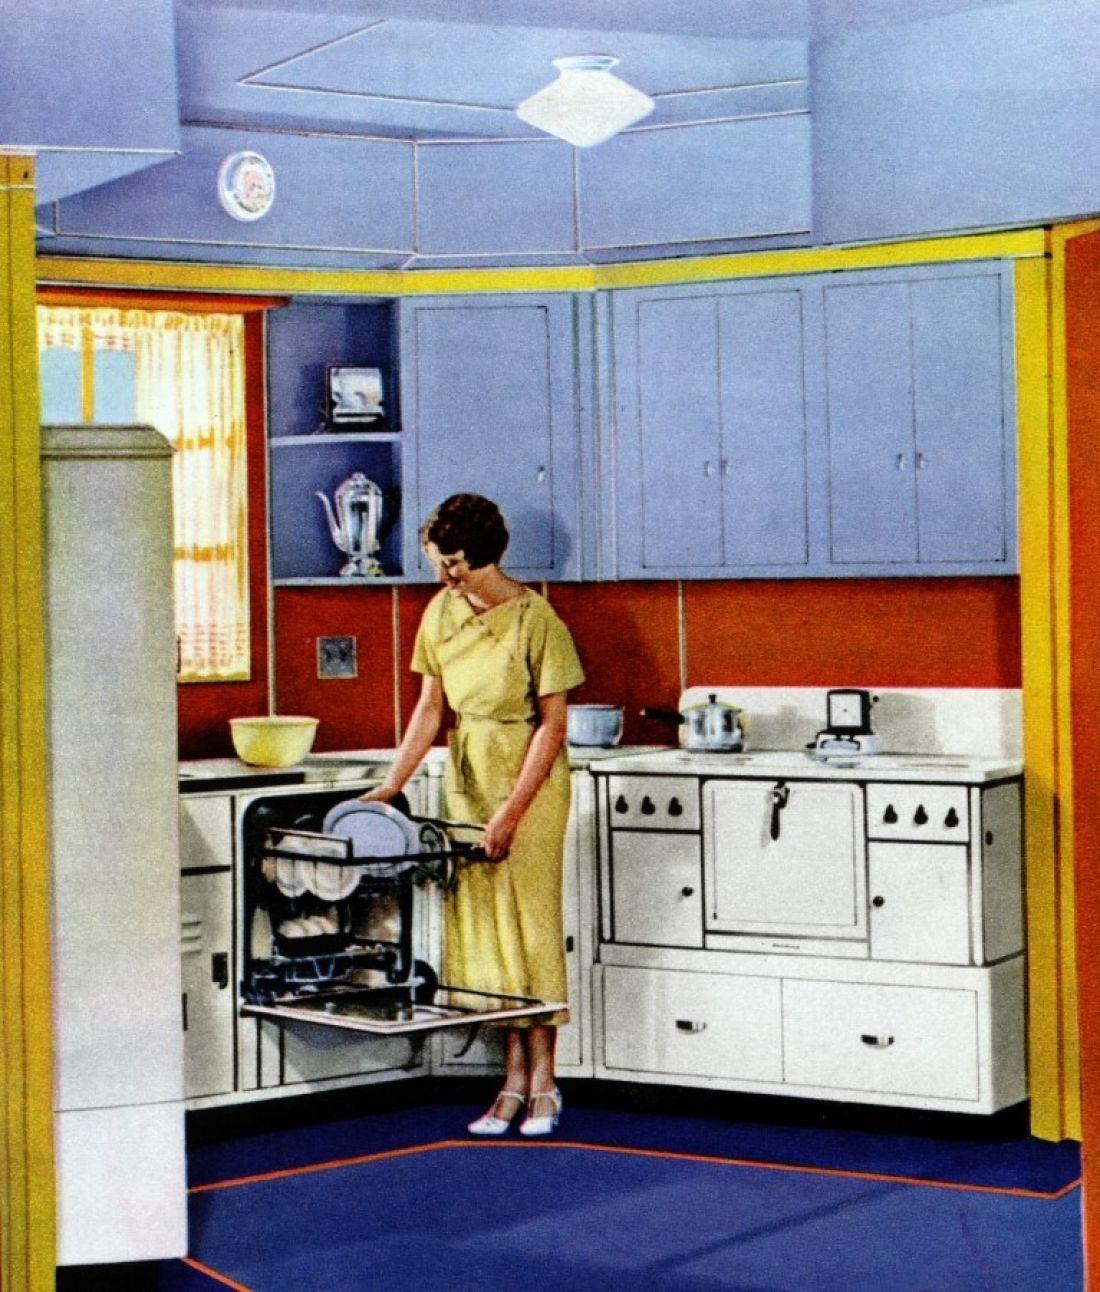 Kooktrends eind jaren 39 60 inproba oriental foods for Jaren 60 interieur